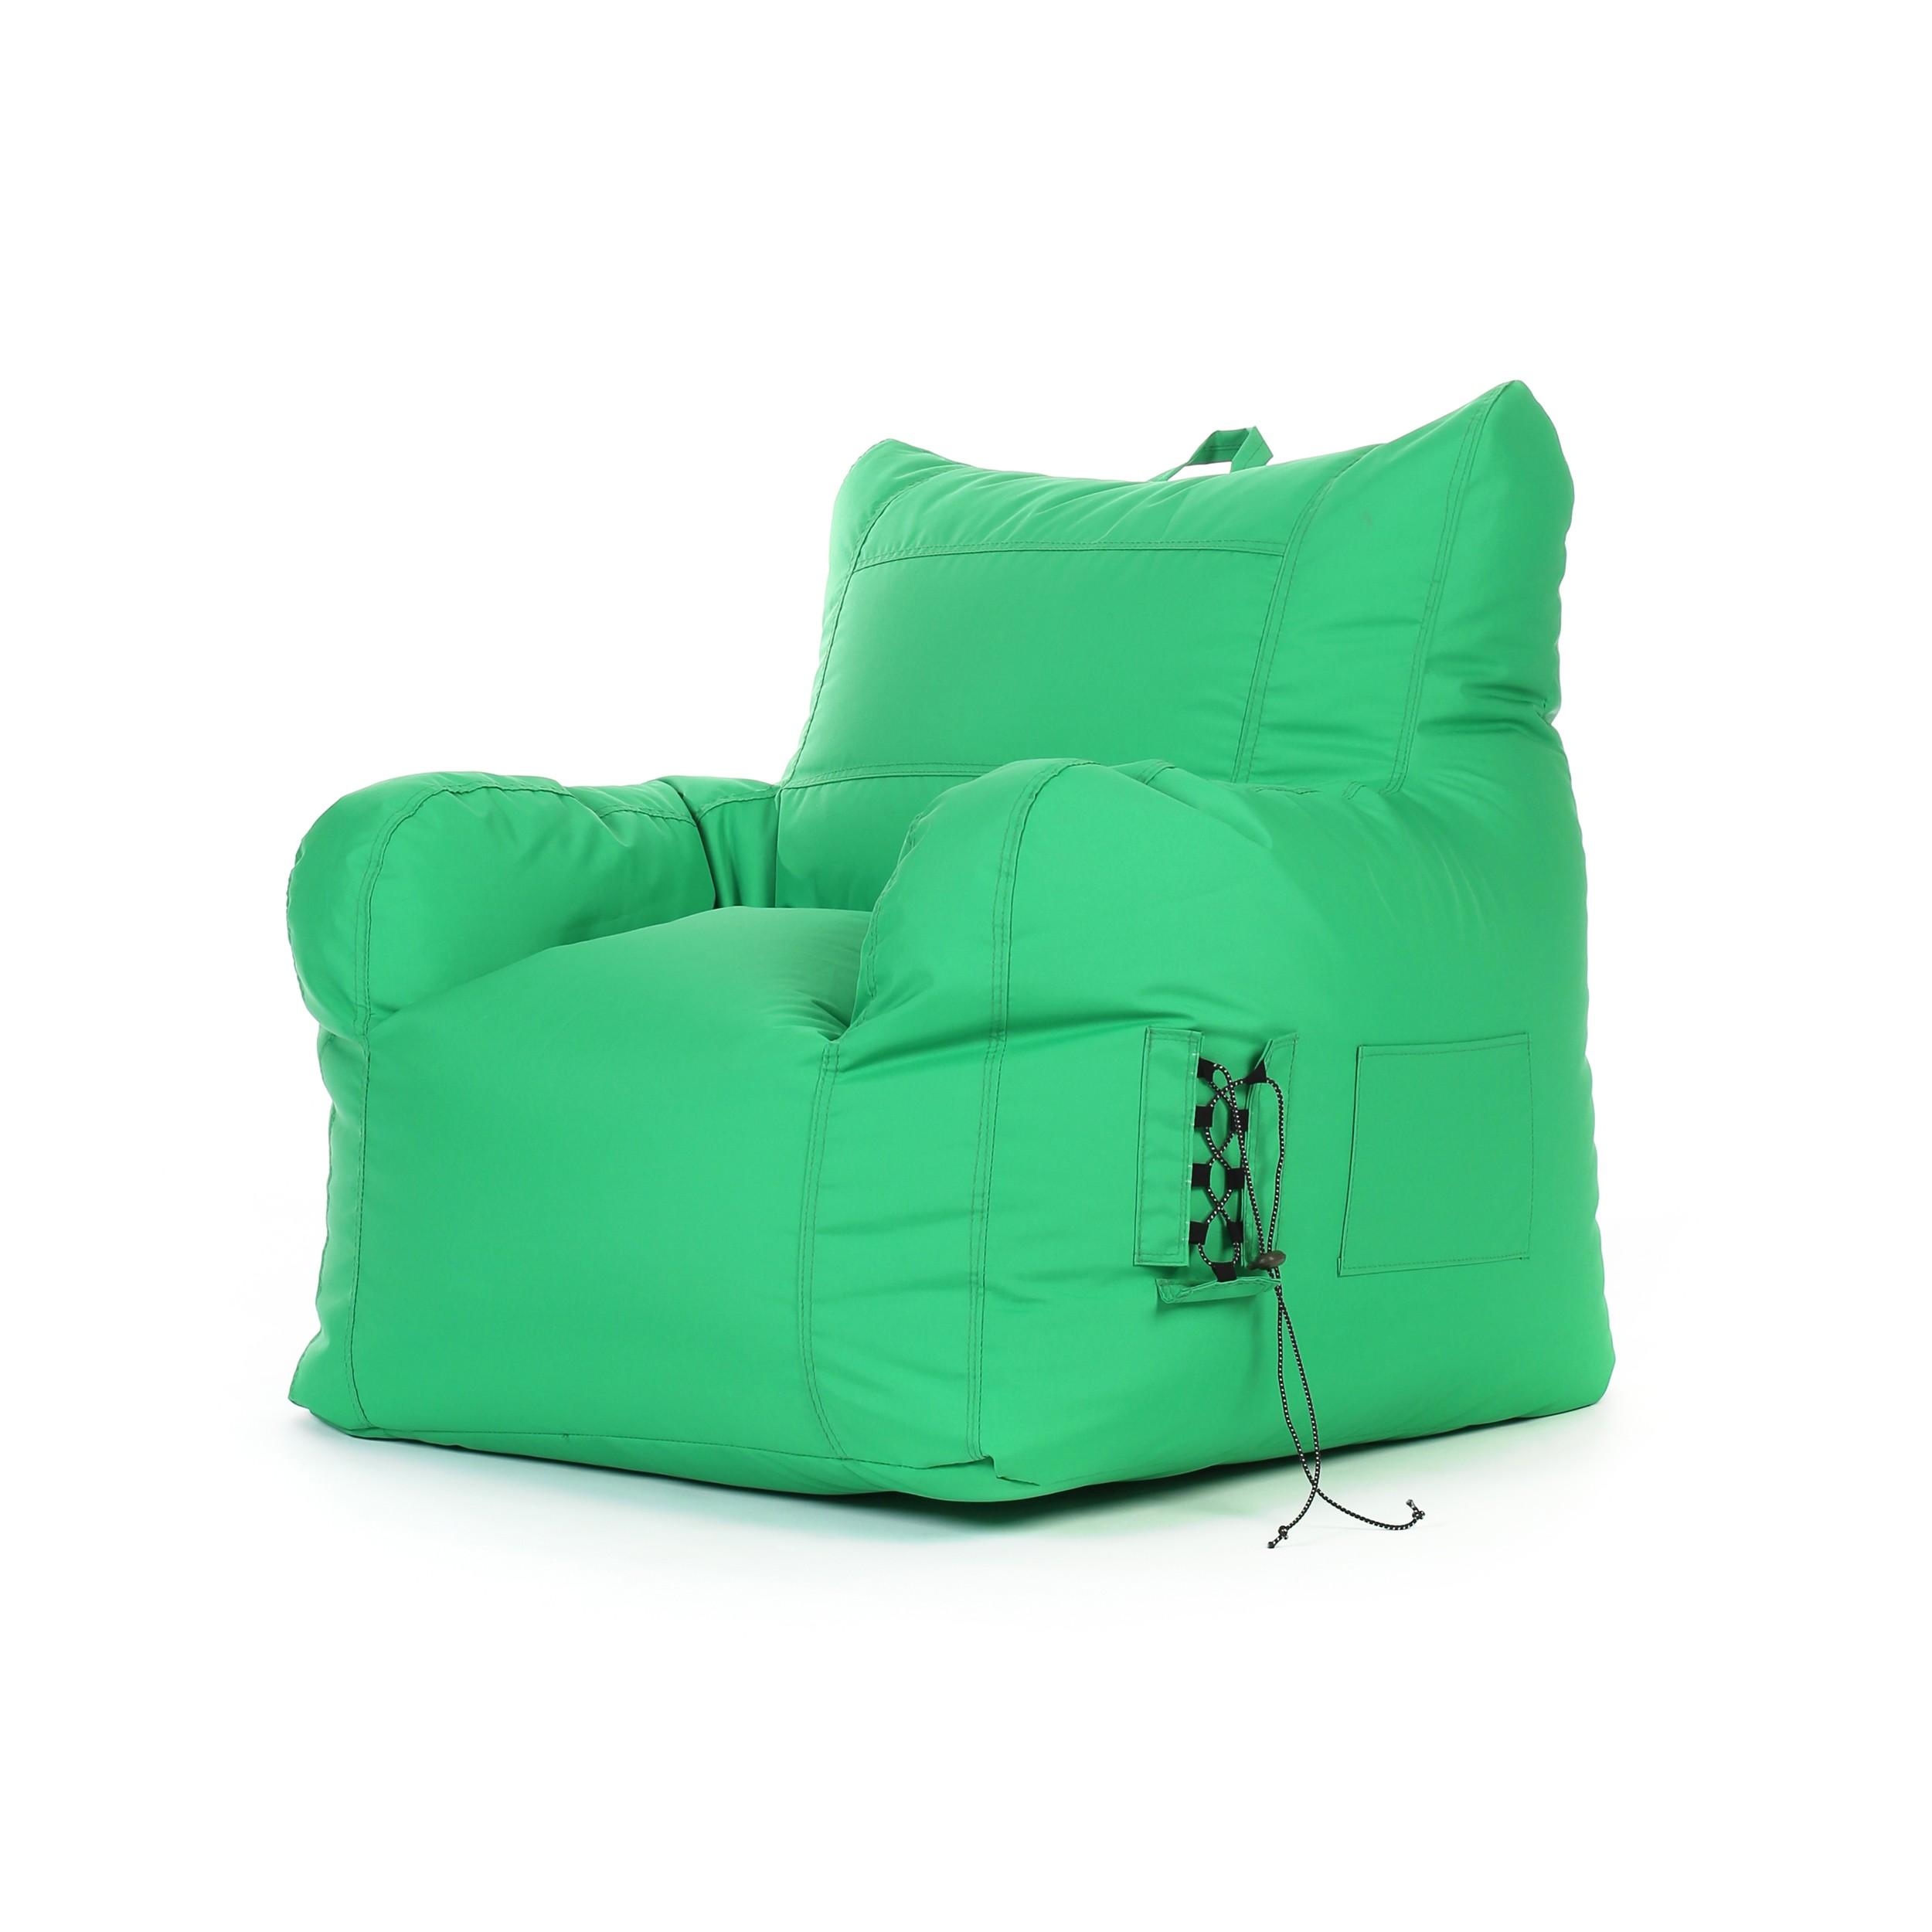 acheter fauteuil enfant exterieur vert